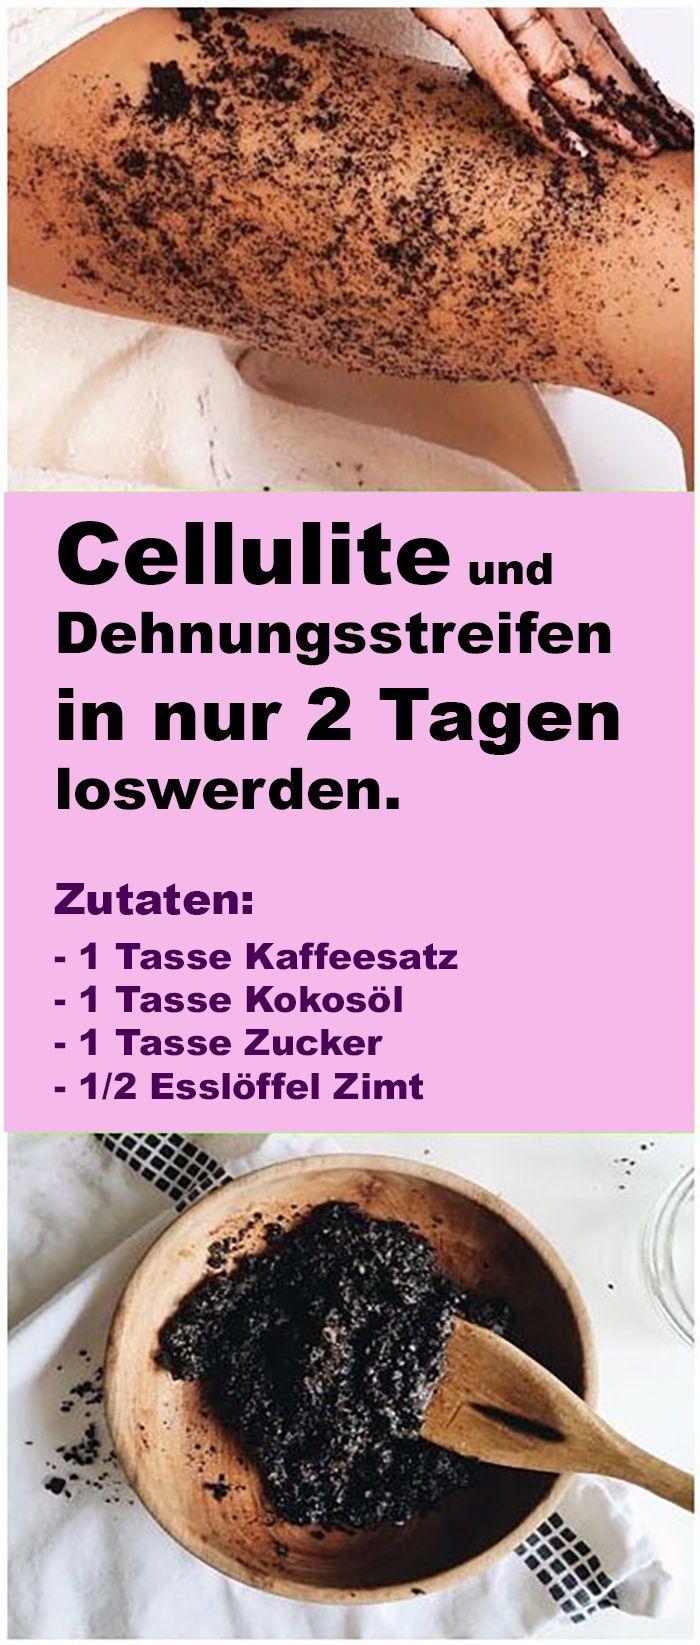 Cellulite entfernen: in nur 2 Tagen dank fortschrittlichem Peeling